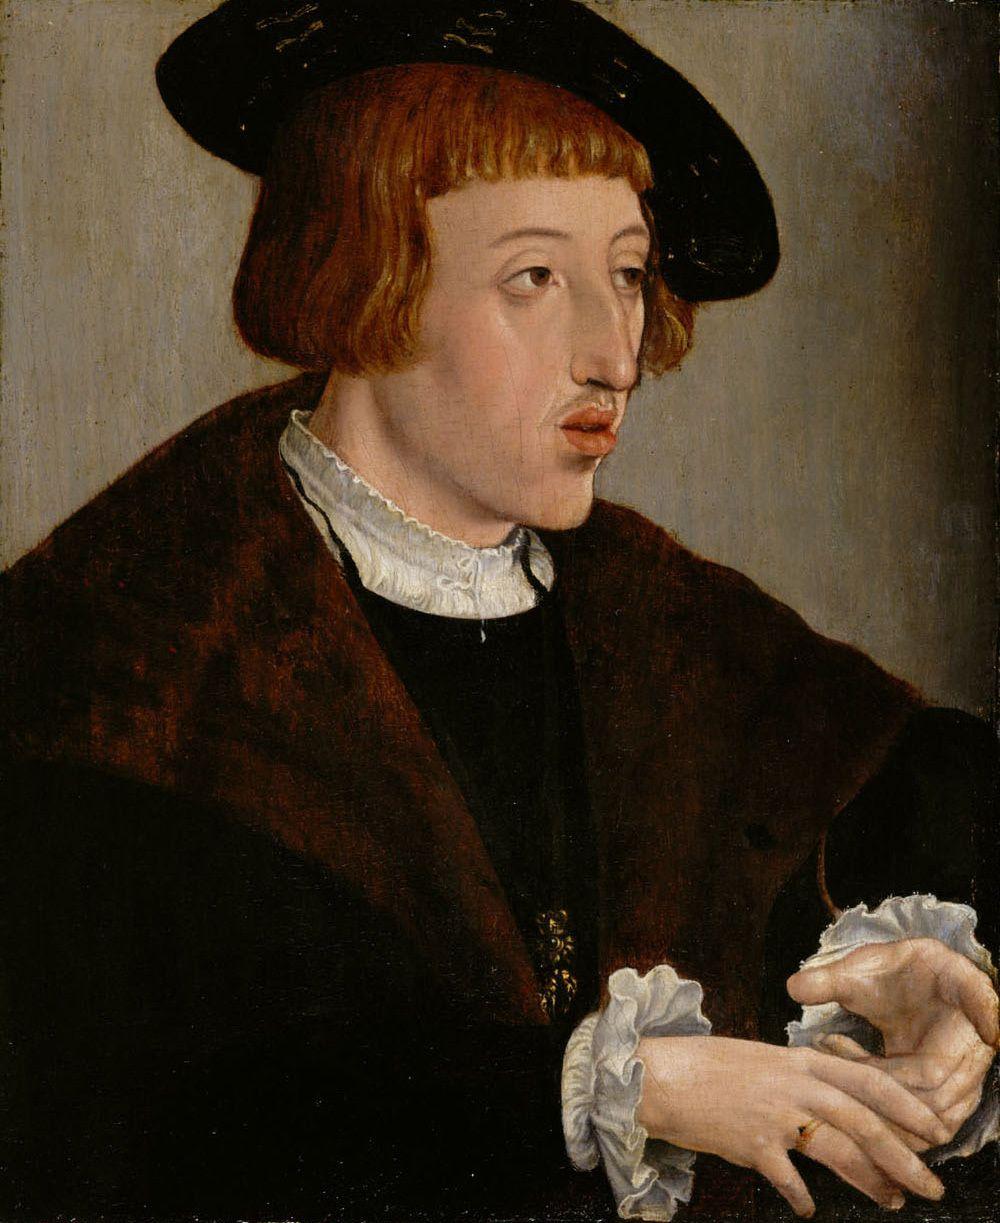 Ferdynand Habsburg do najprzystojniejszych książąt nie należał. Był za to niezwykle skuteczny. A najtrudniejszą przeprawę miał z Węgrami. Portret pędzla Jana Cornelisza Vermeyena z 1530 roku.